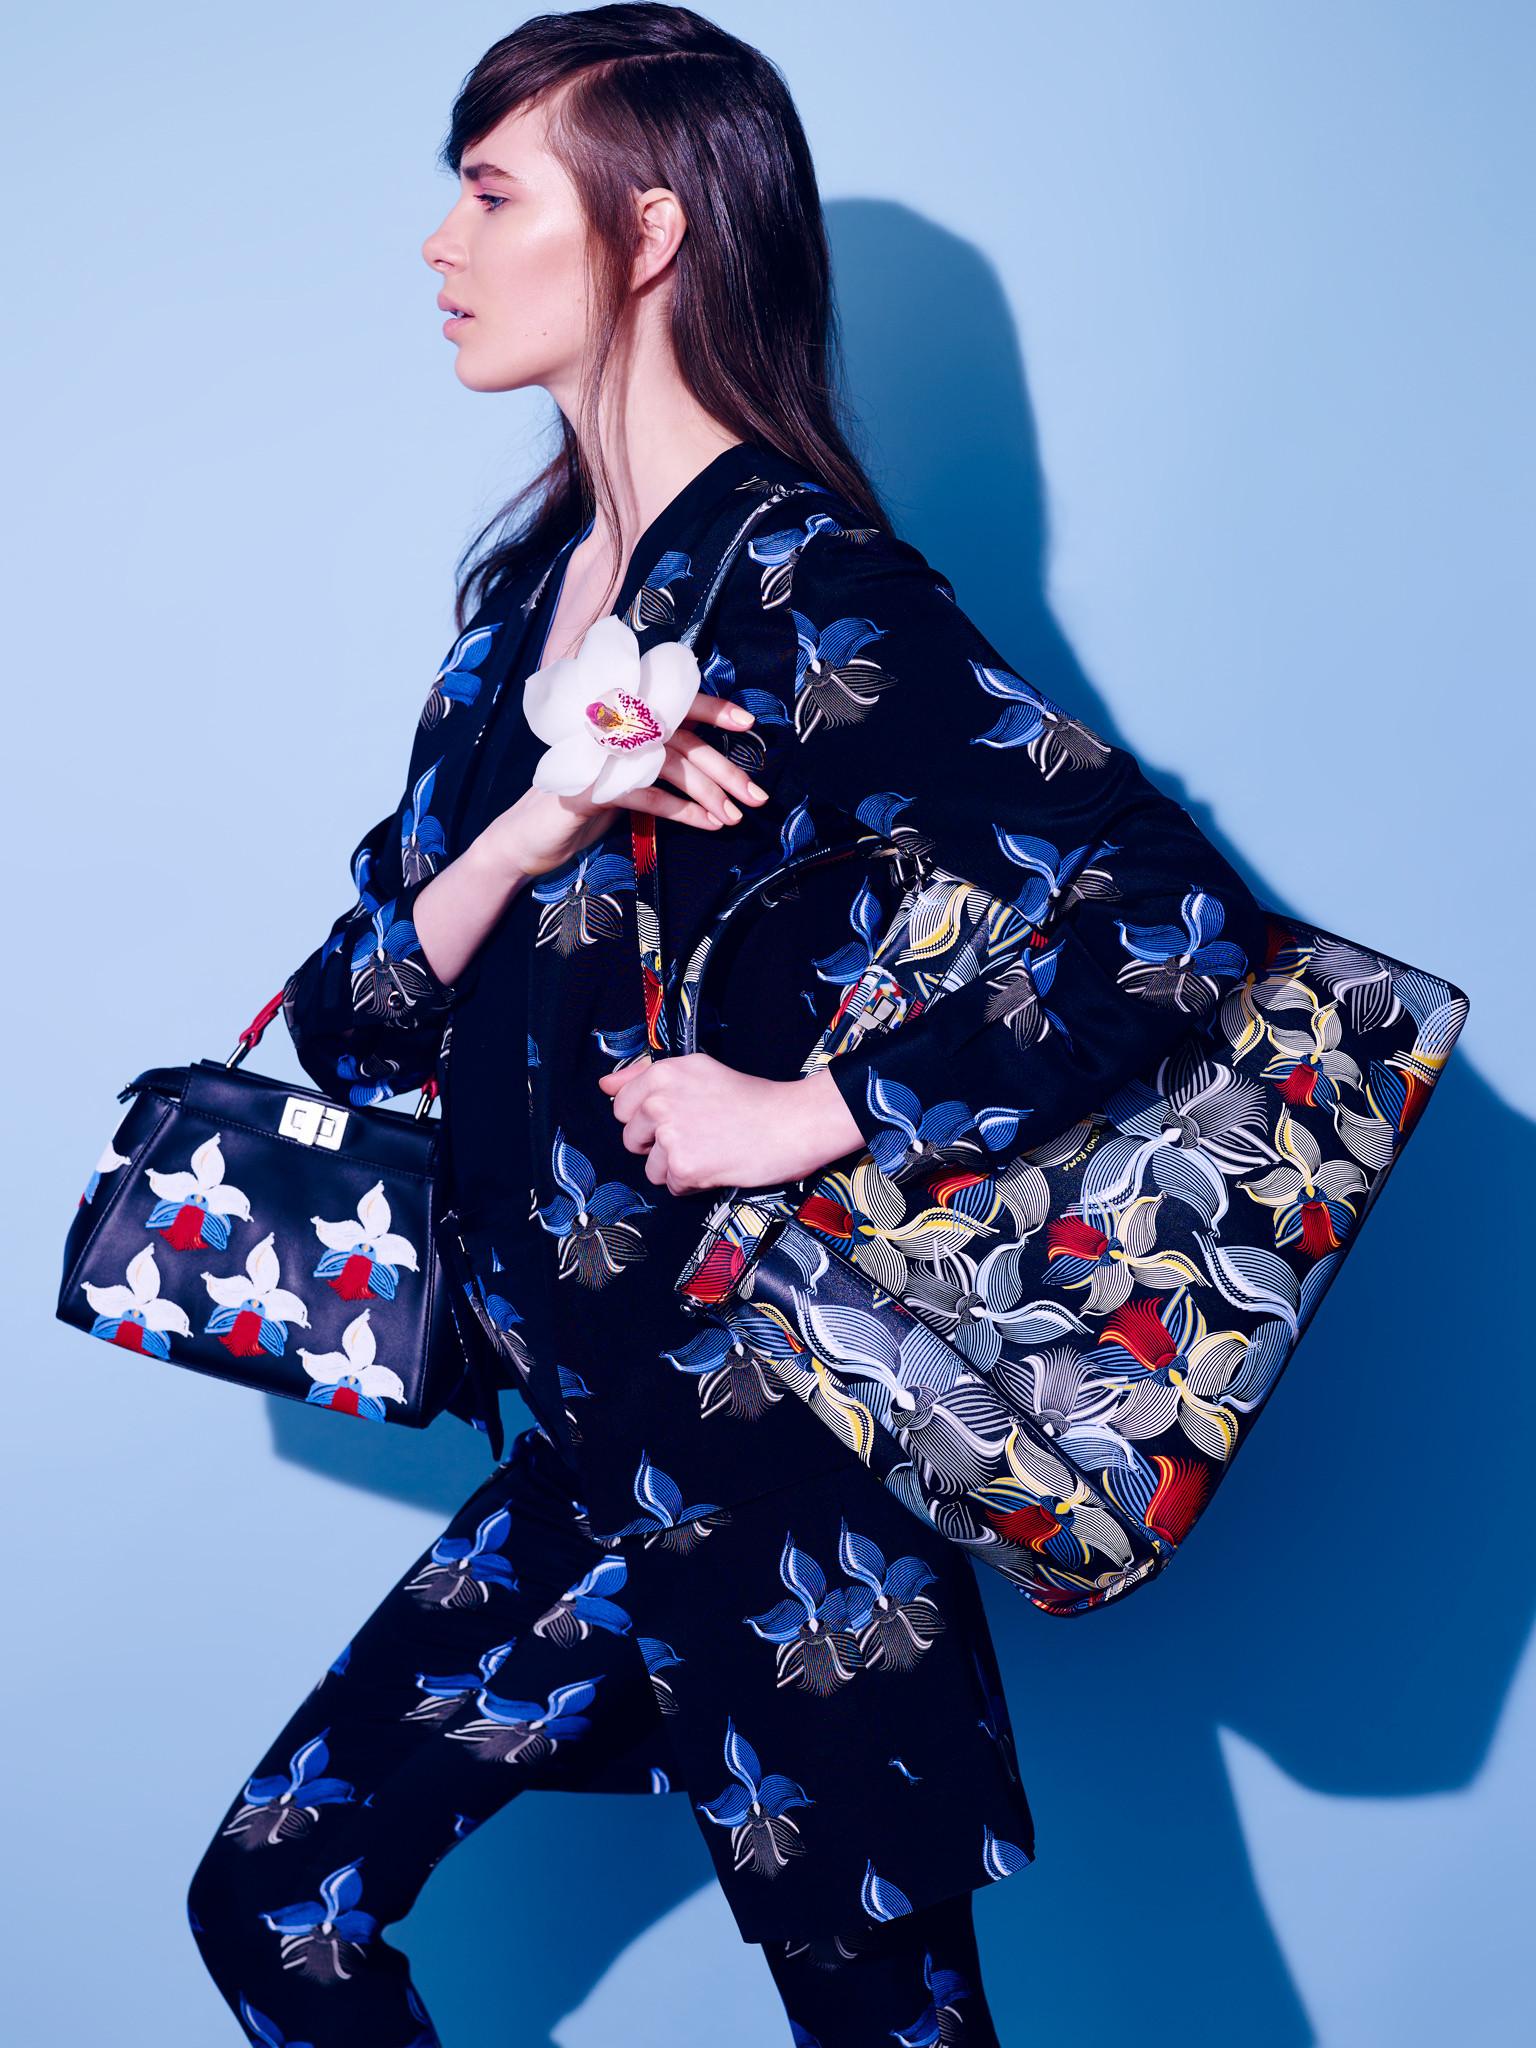 2015_Vogue_Bags&flowers43437.jpg